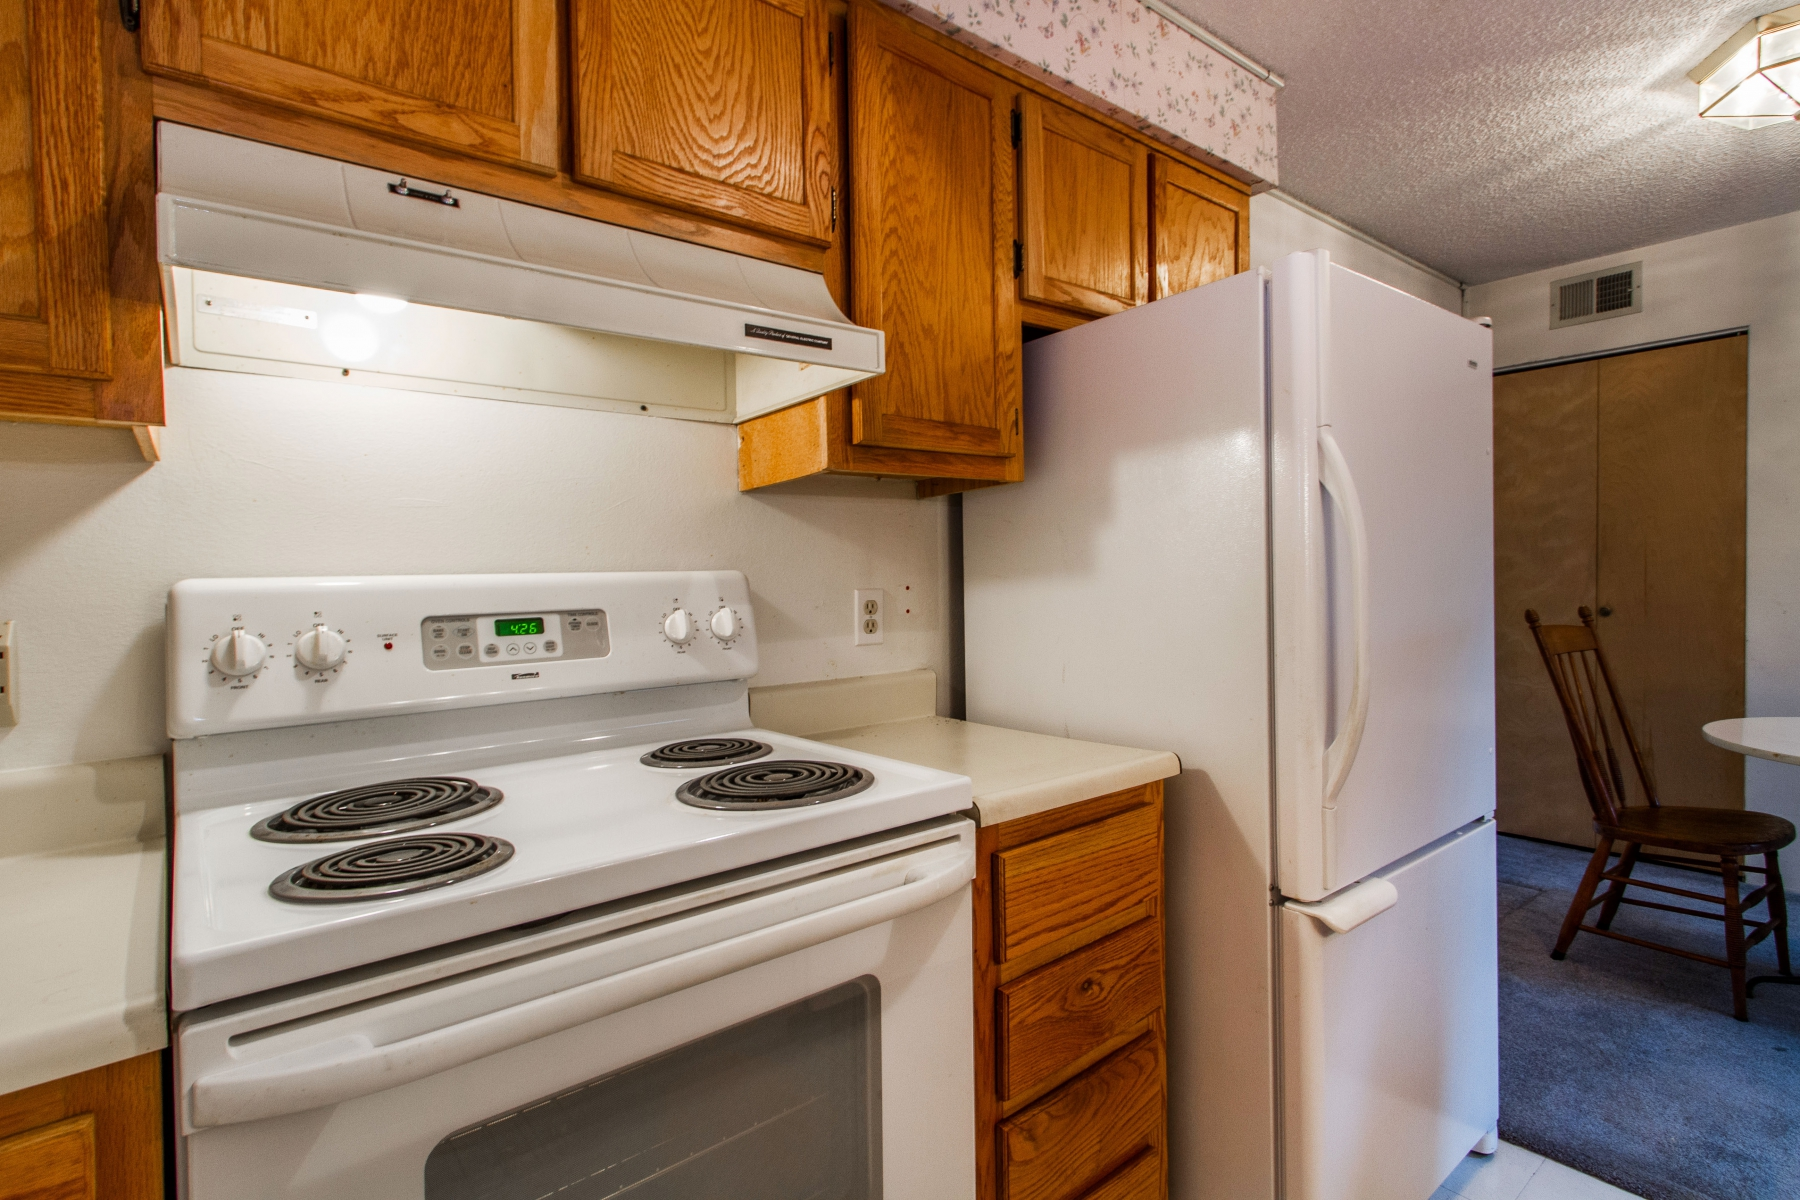 Kitchen_1800x1200_2694150.jpg